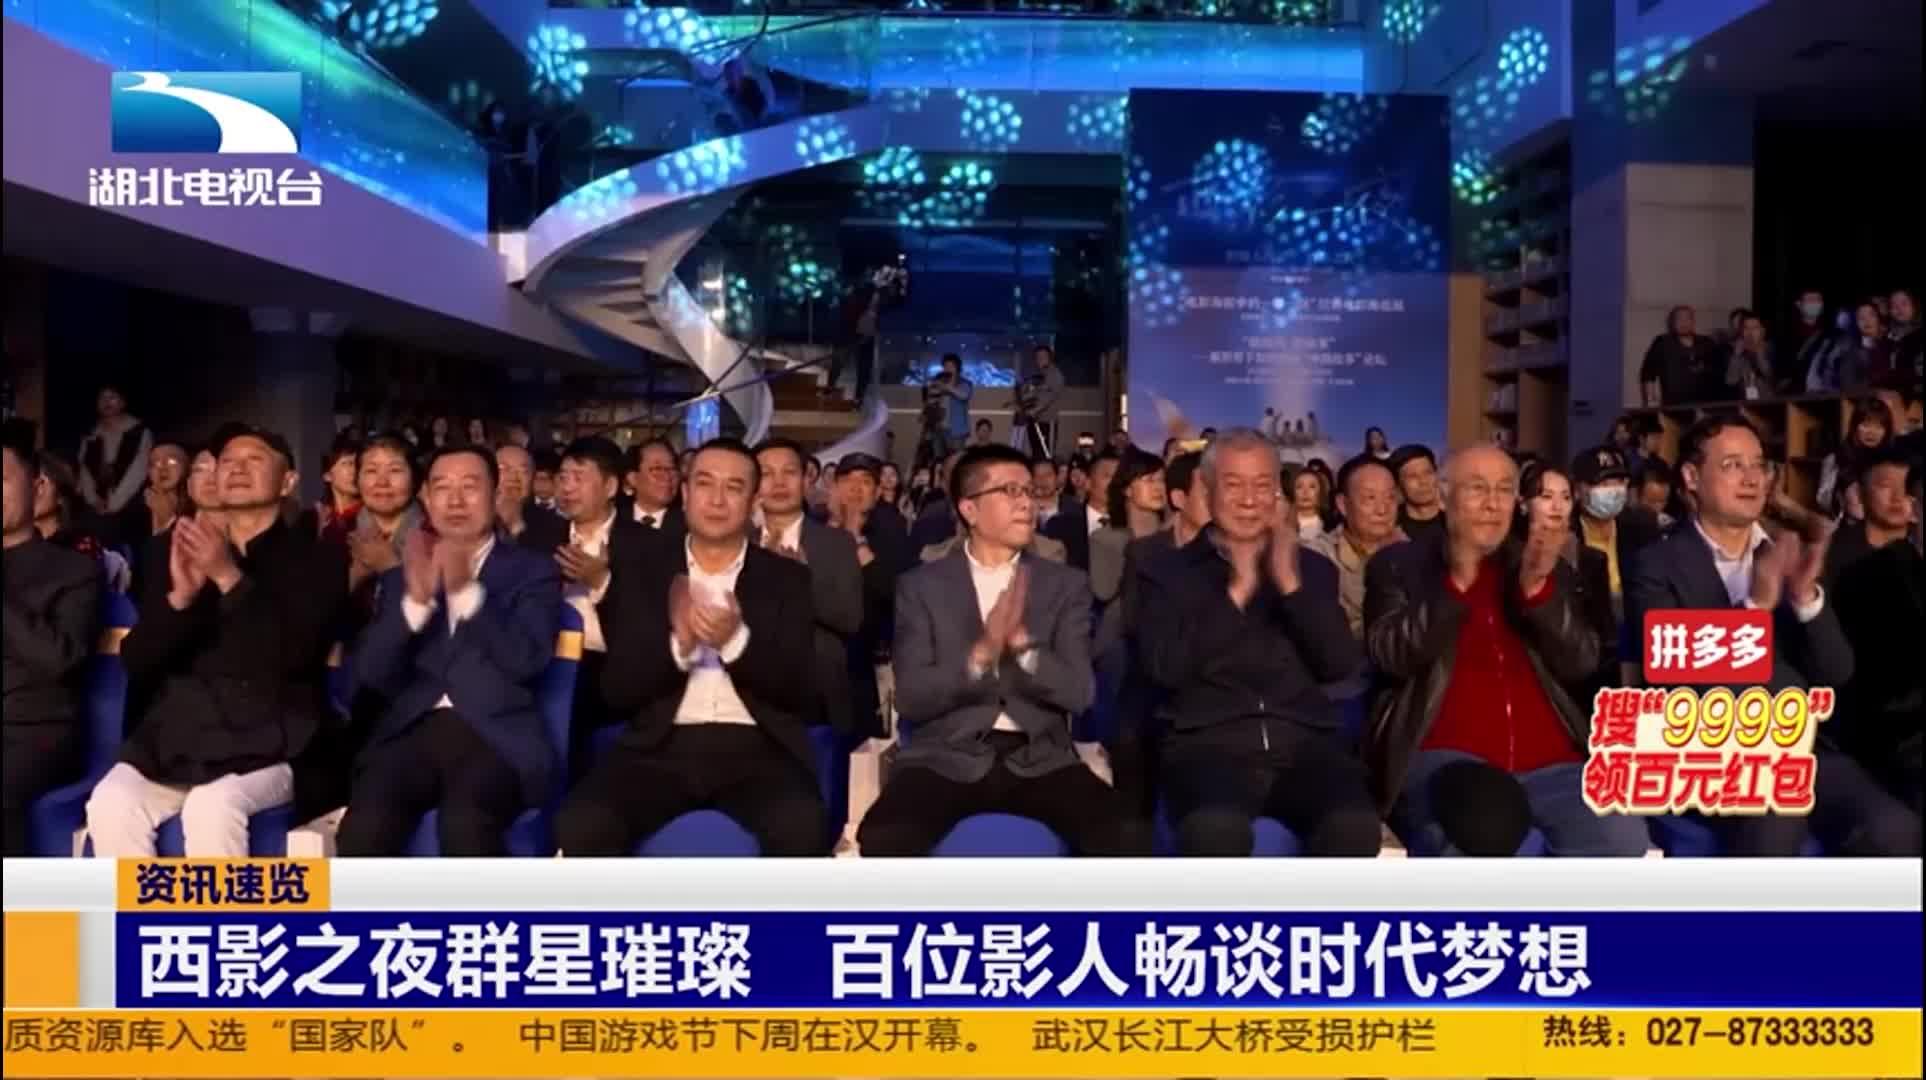 湖北电视台:西影之夜群星璀璨 百位影人畅谈时代梦想